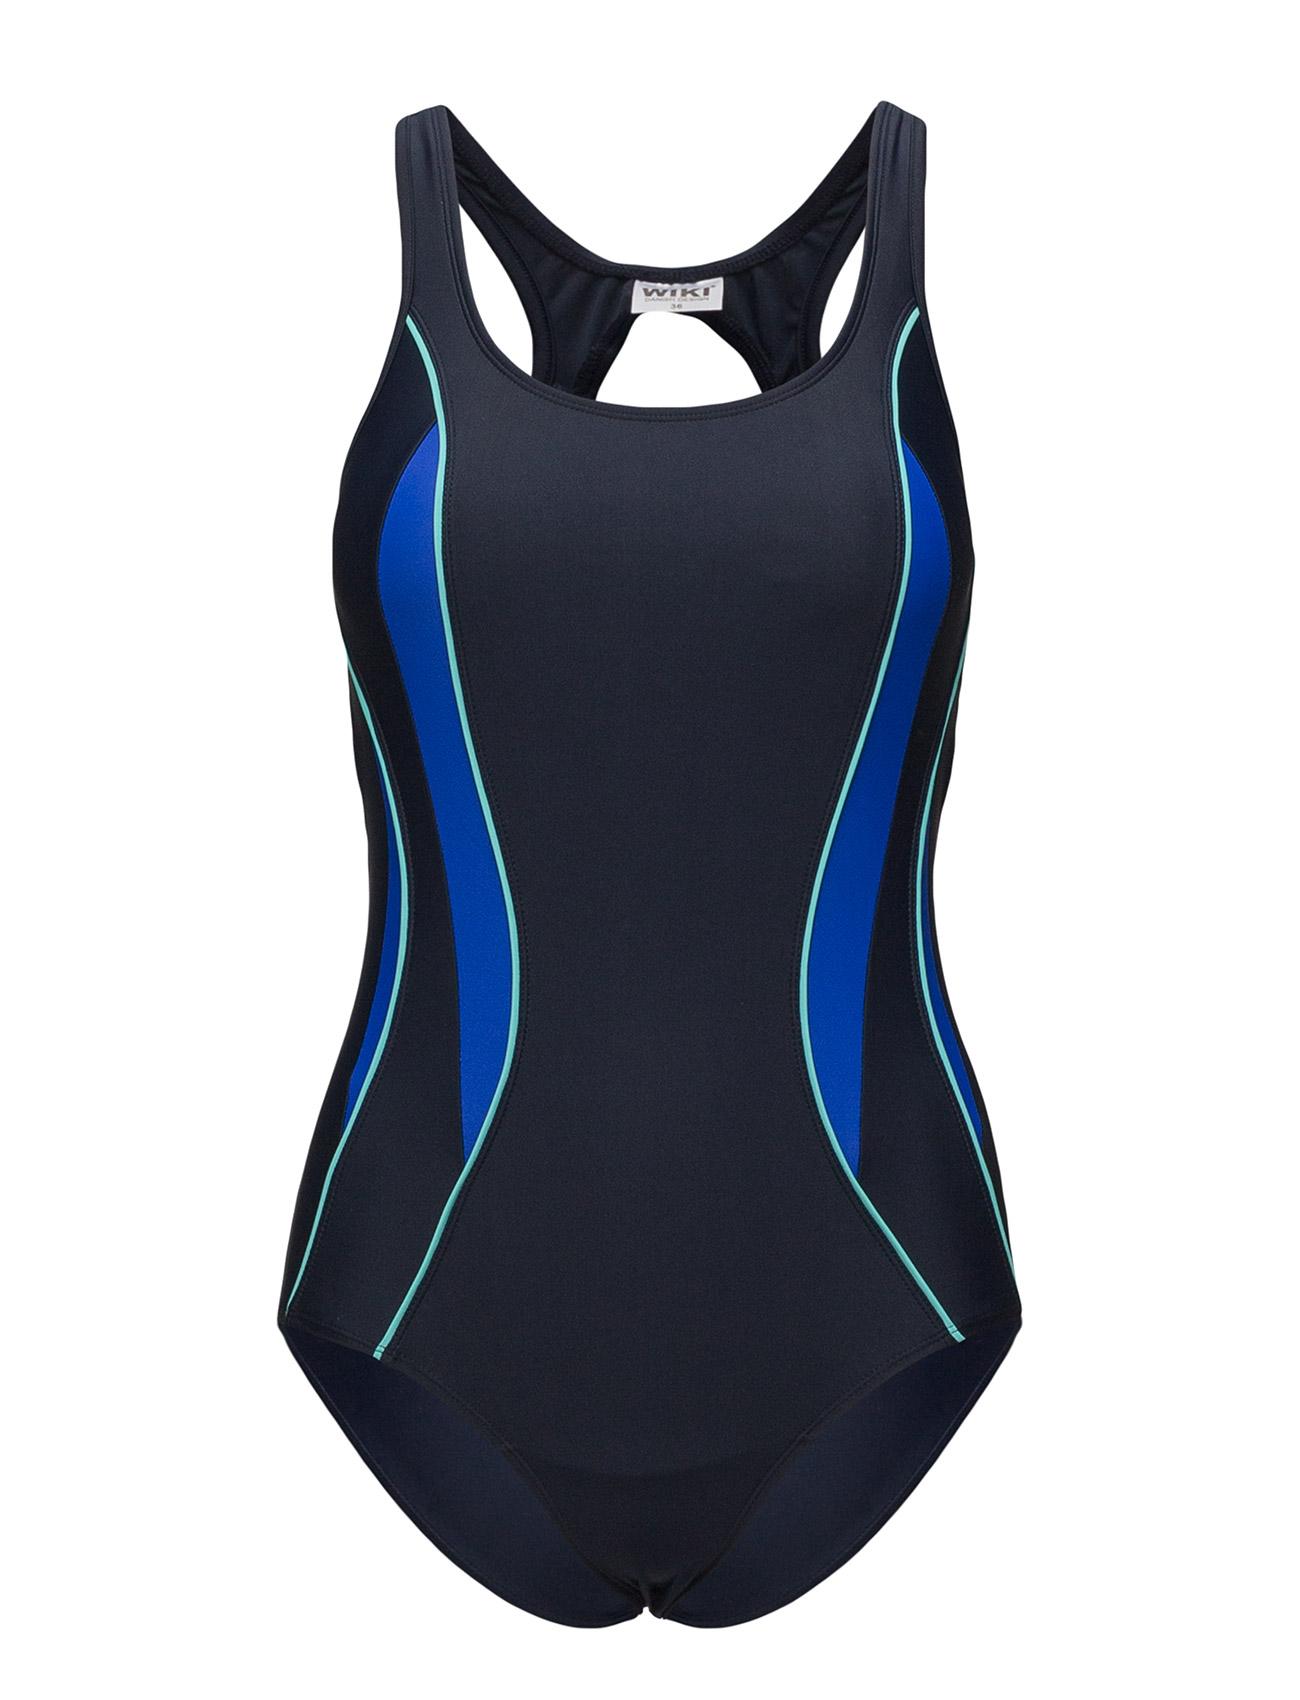 wiki – Swimsuit alba sport på boozt.com dk